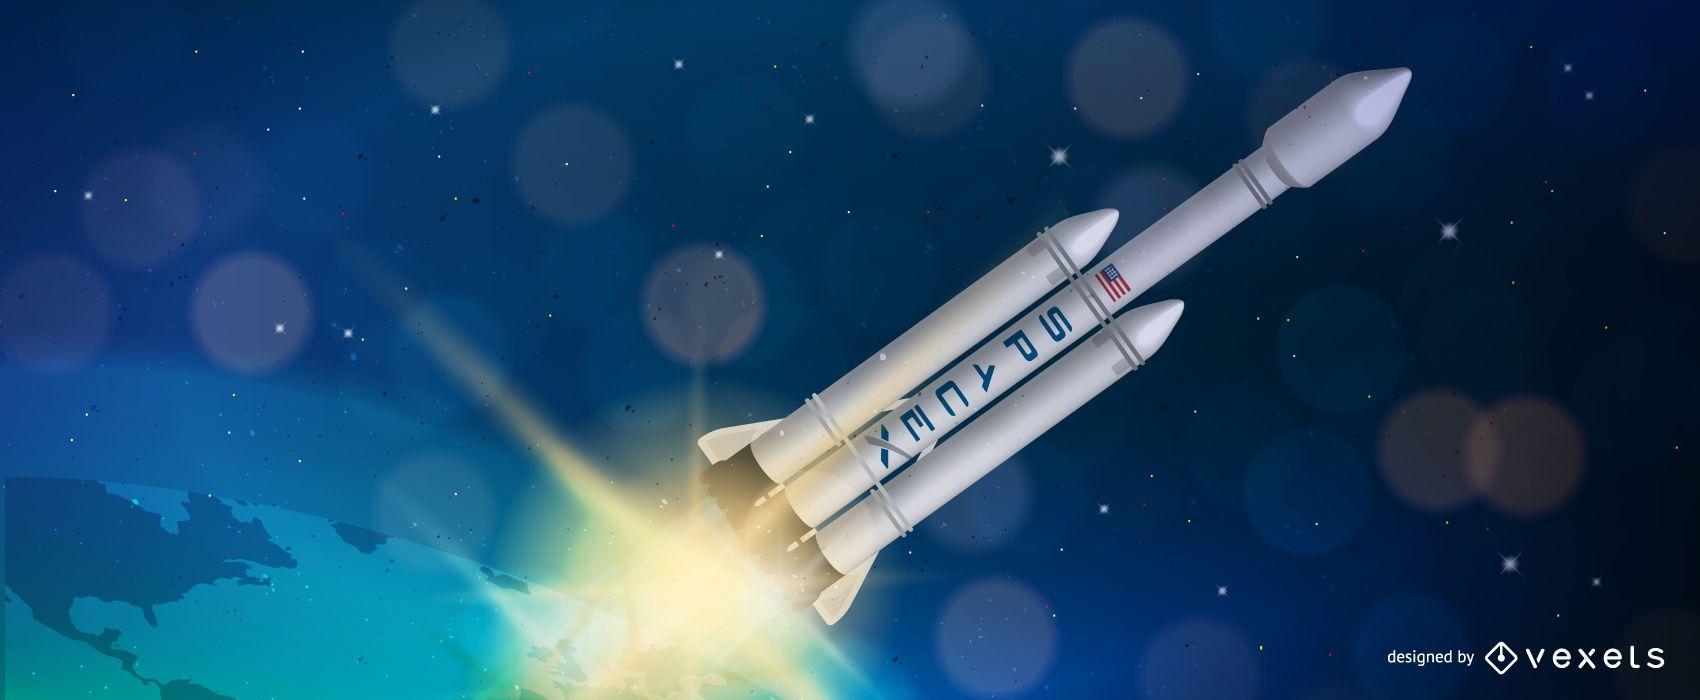 Ilustración de SpaceX Falcon Heavy